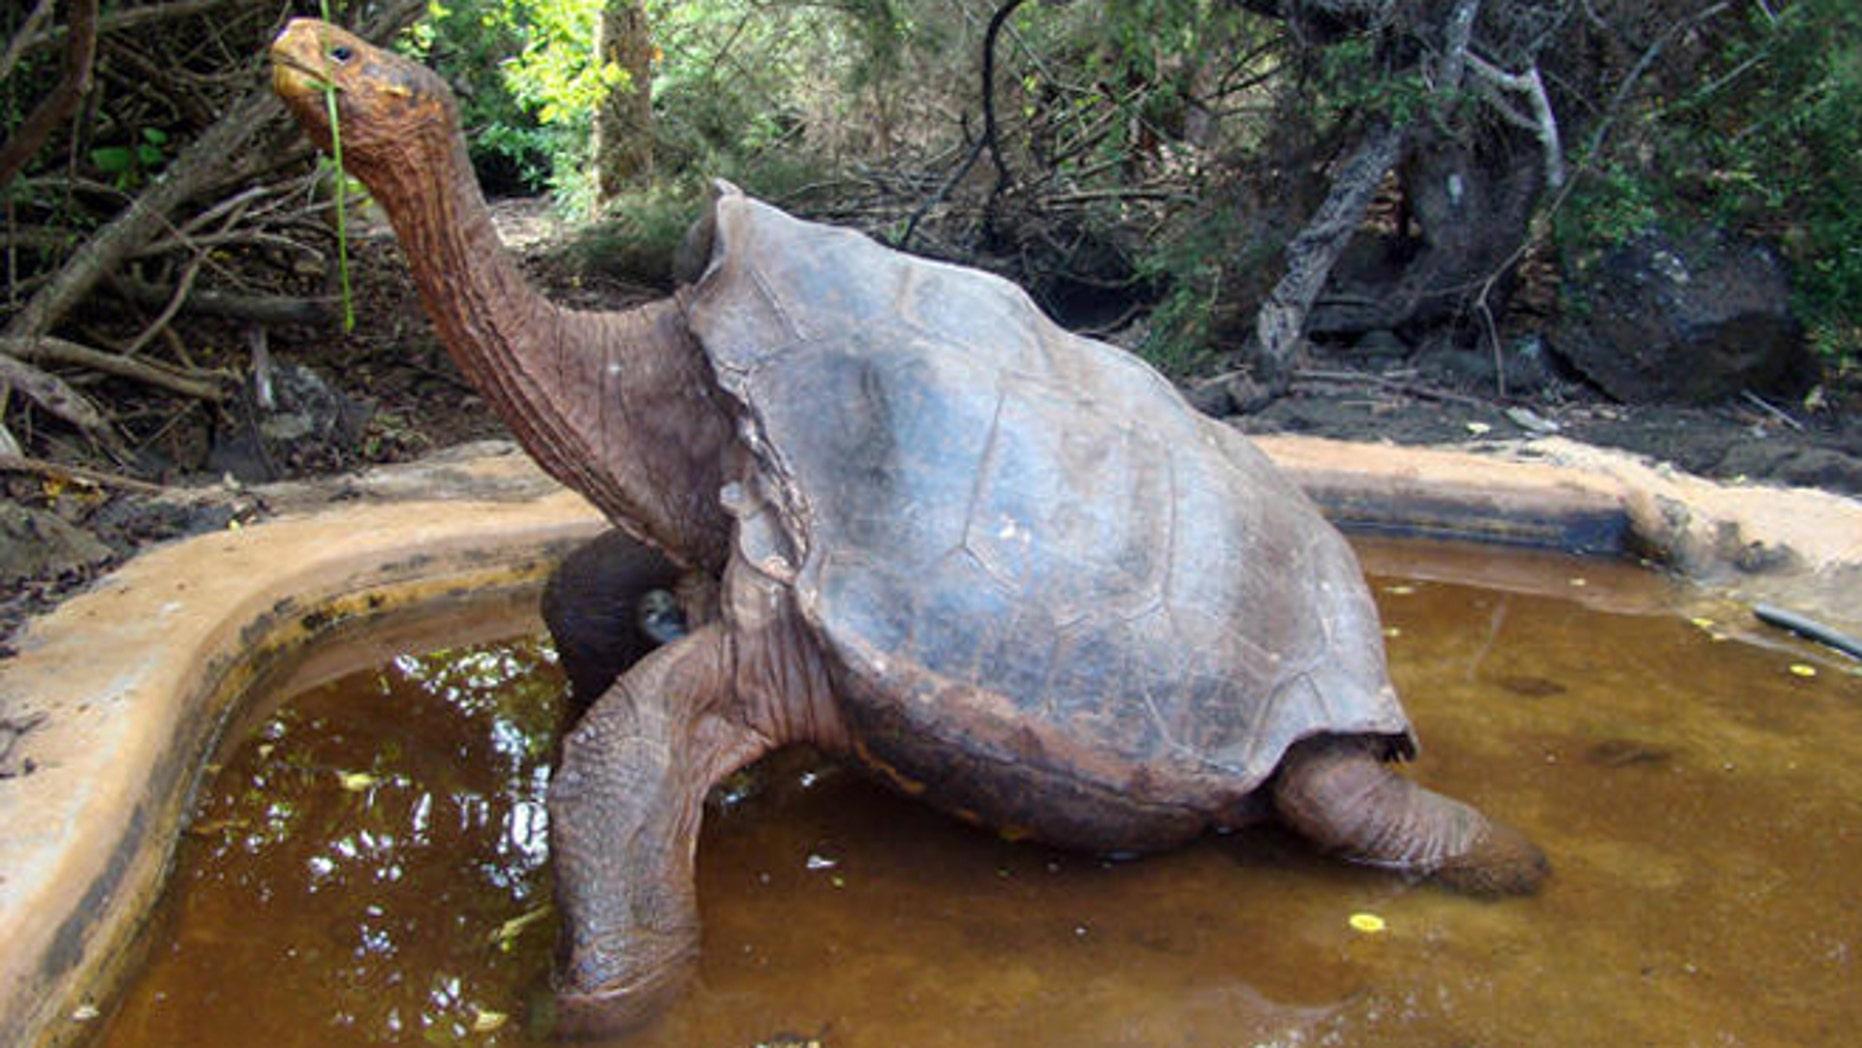 (Galapagos National Park, Associated Press)